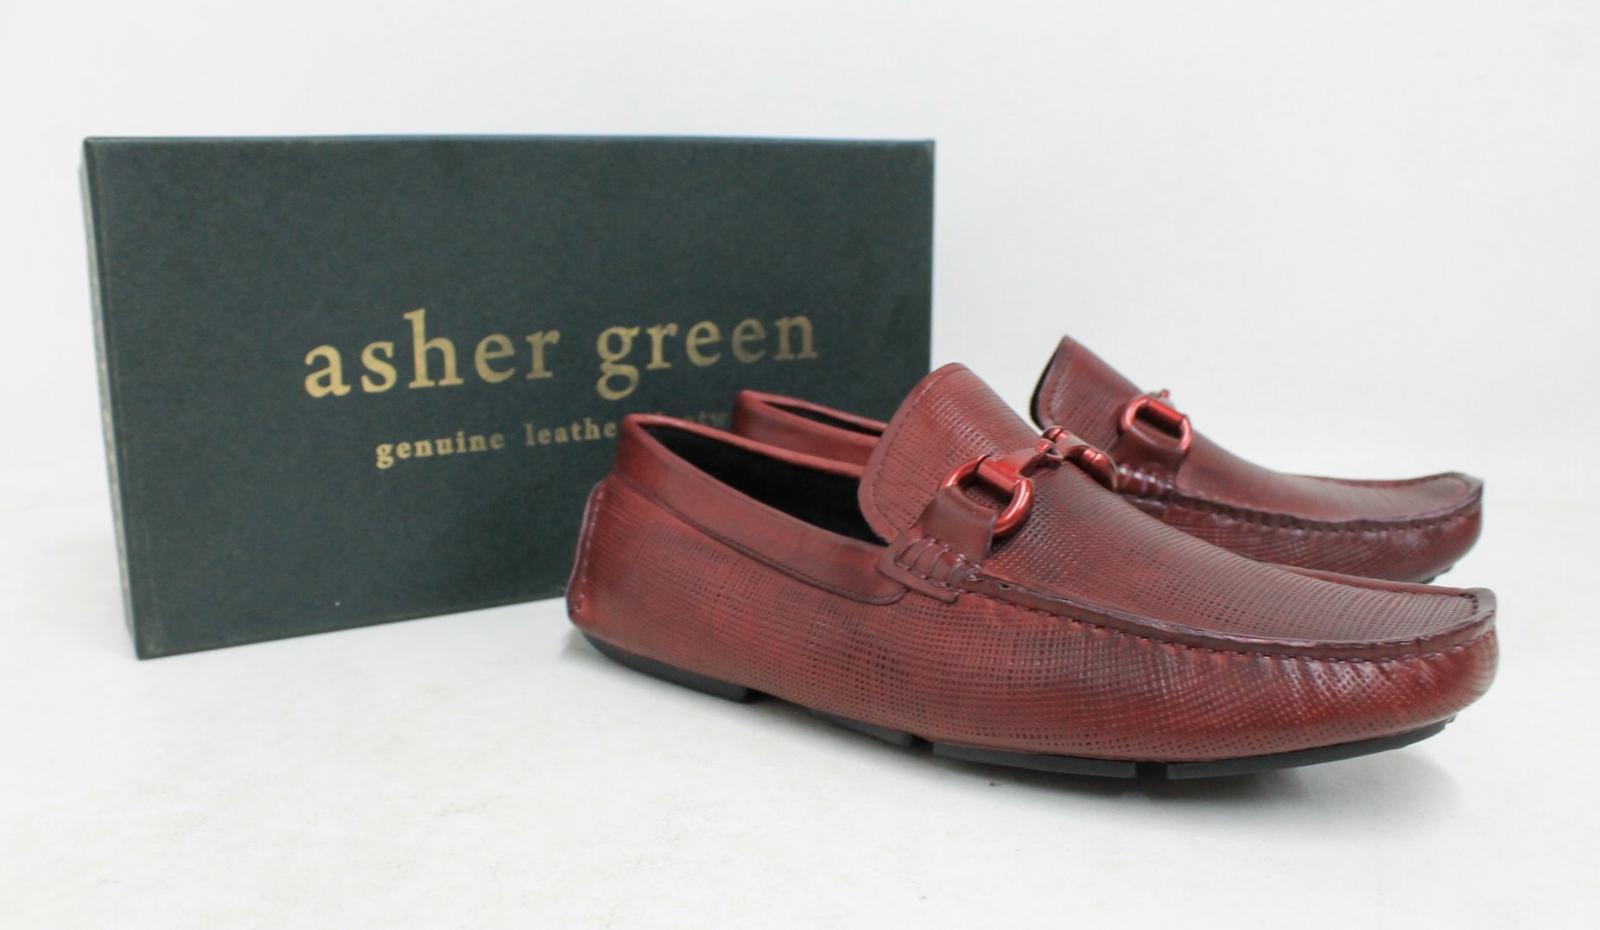 Asher-Verde-Uomo-Rosso-Bordeaux-in-Pelle-GUCCI-Mocassino-Tg-UK-8-US9-NUOVO-CON-SCATOLA miniatura 12